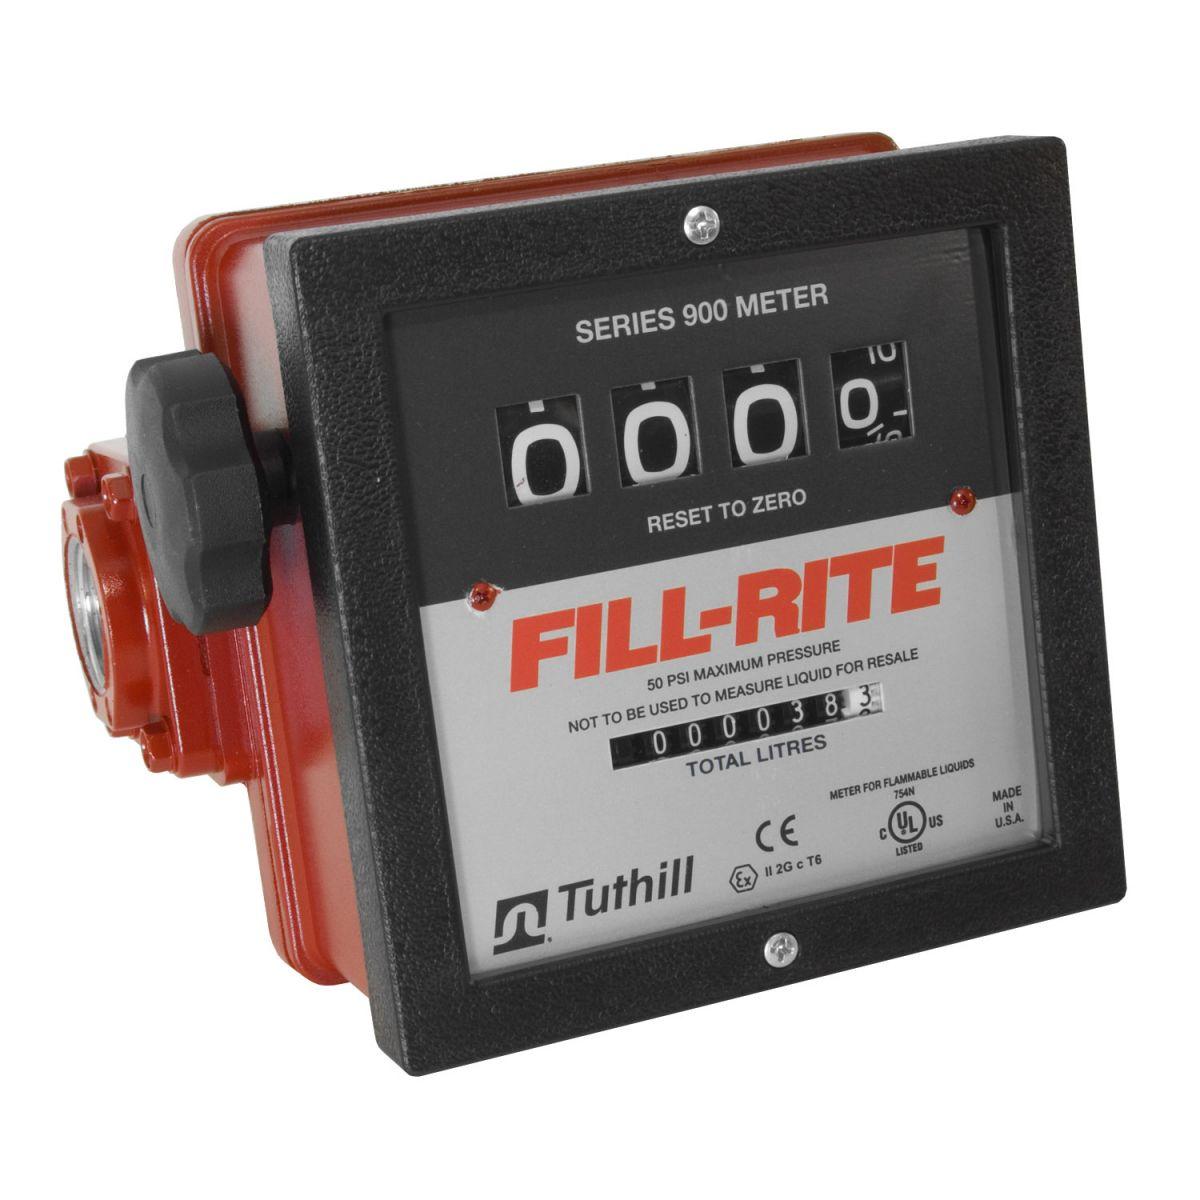 Đồng hồ đo xăng dầu 4 số FILL-RITE